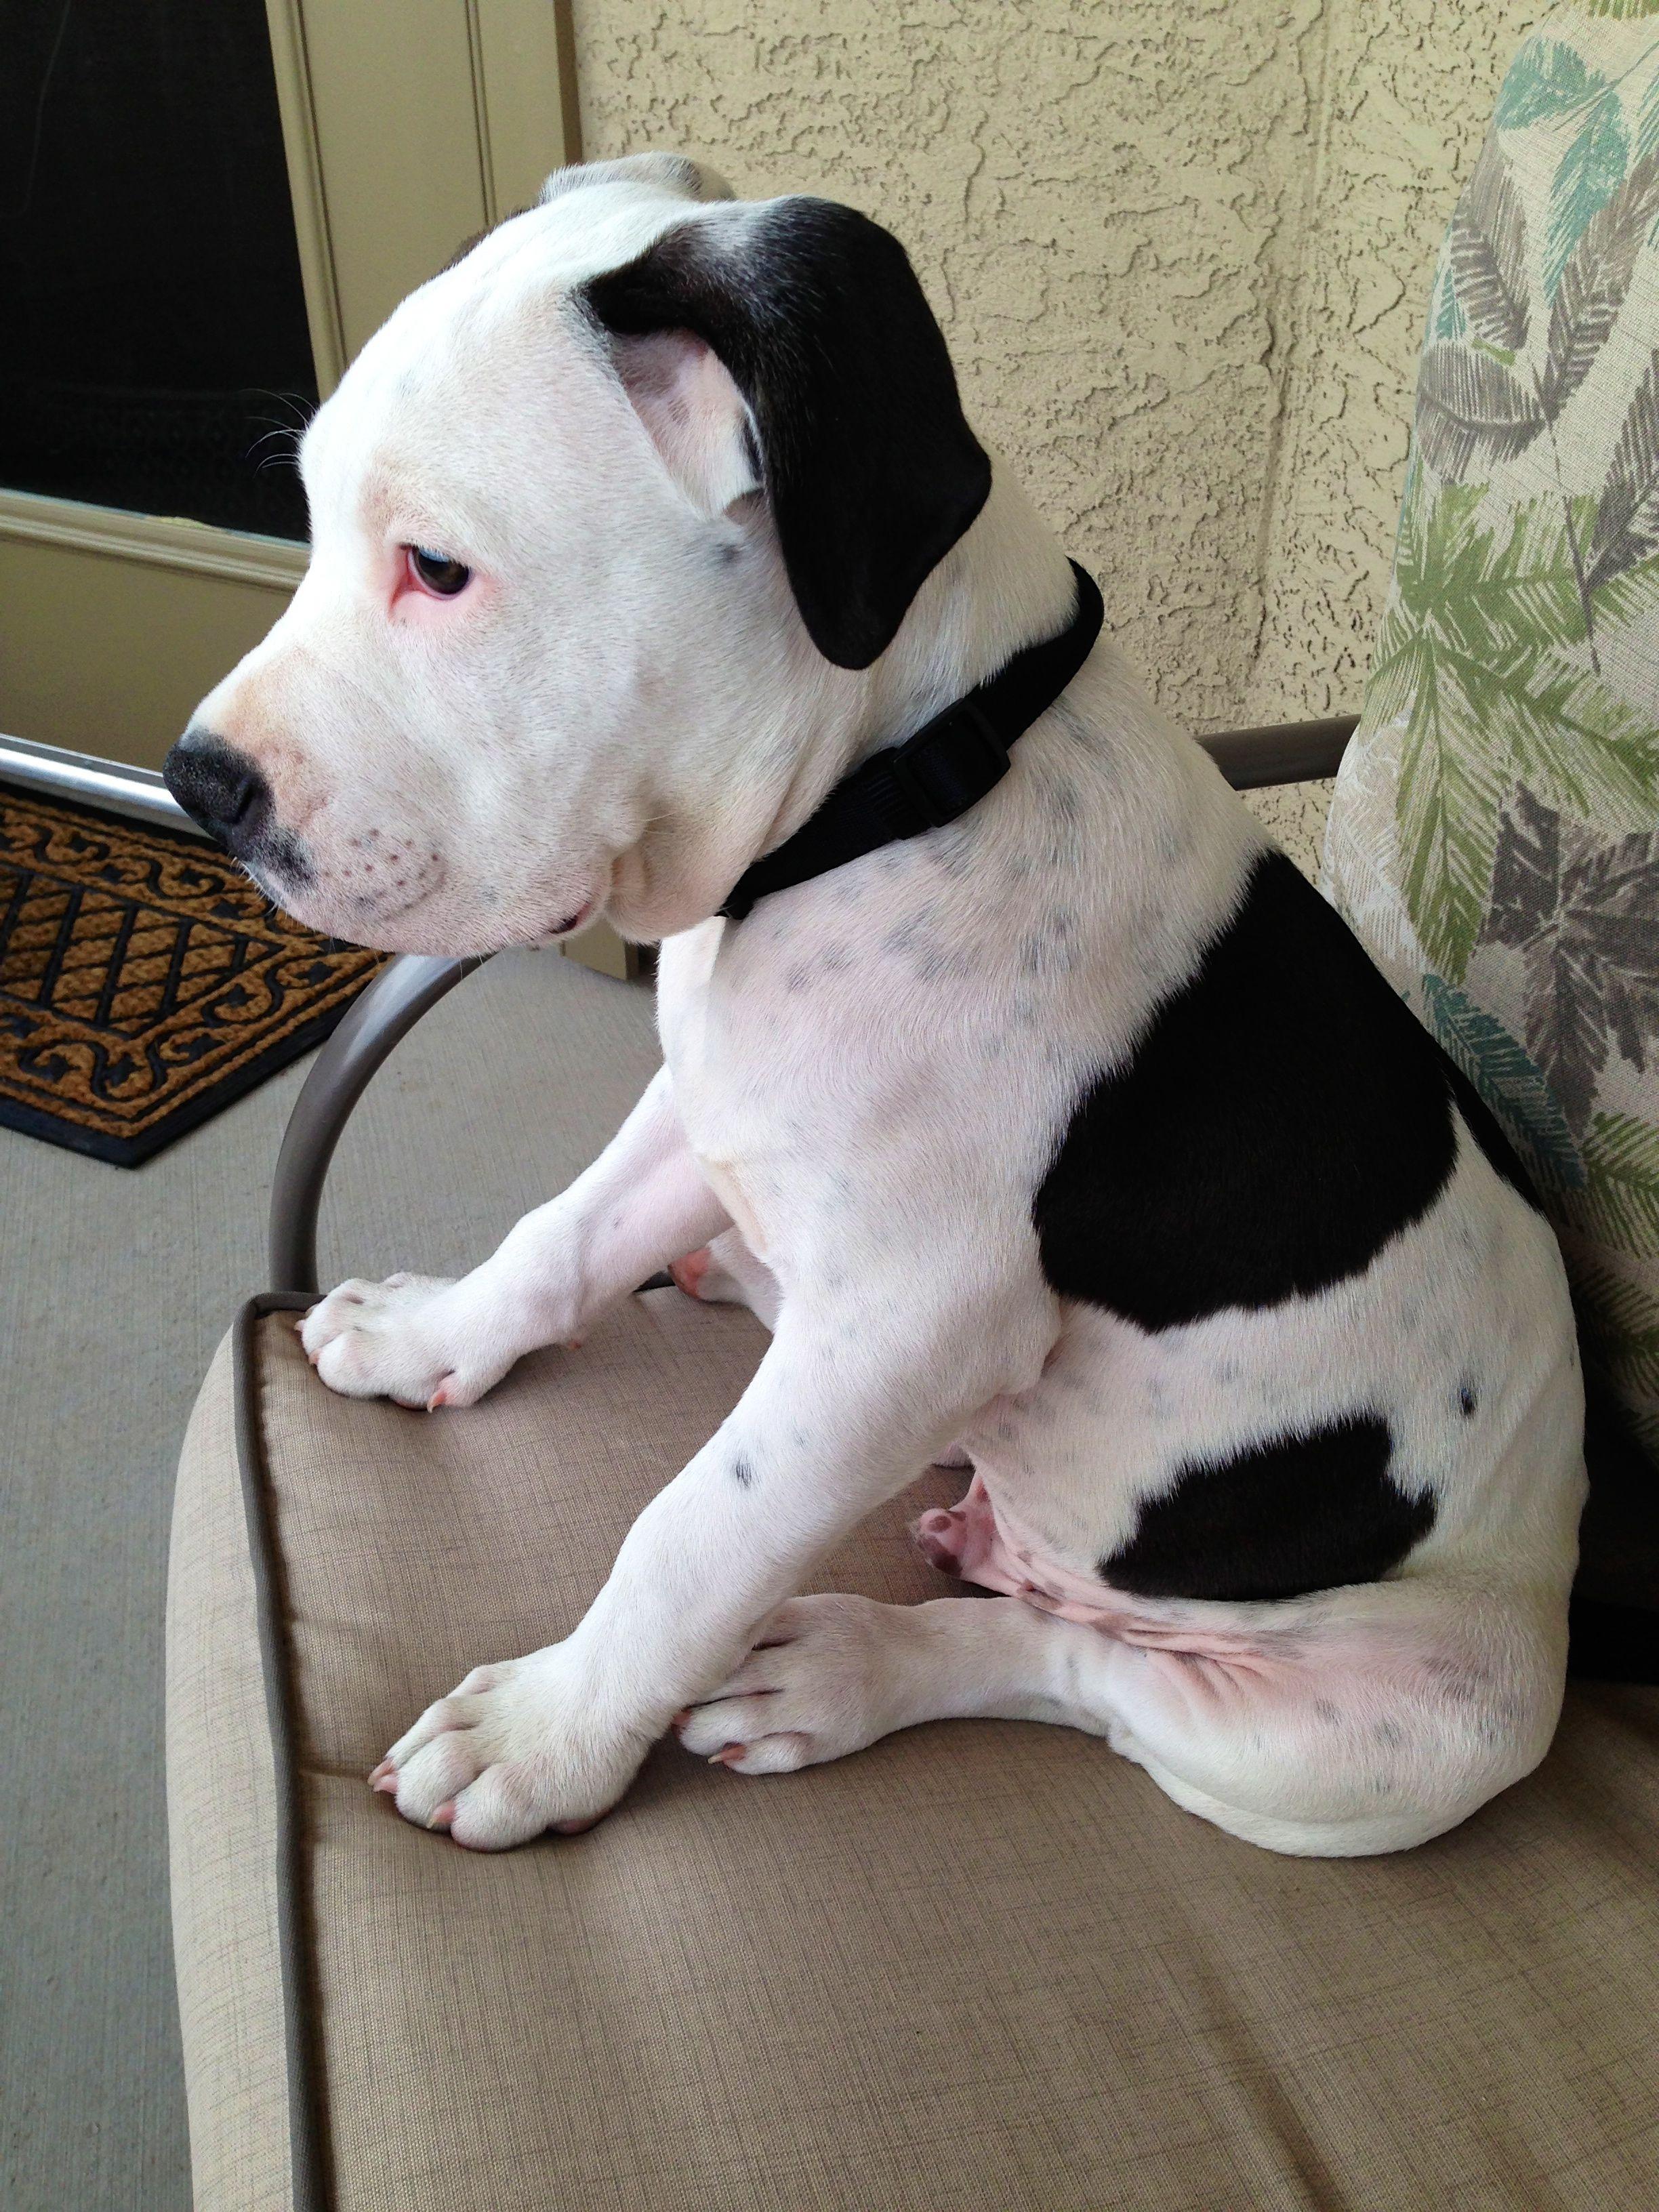 My Pitbull Puppy Tyson 3 3 Months Pitbull Dog Pitbulls Dog Mom